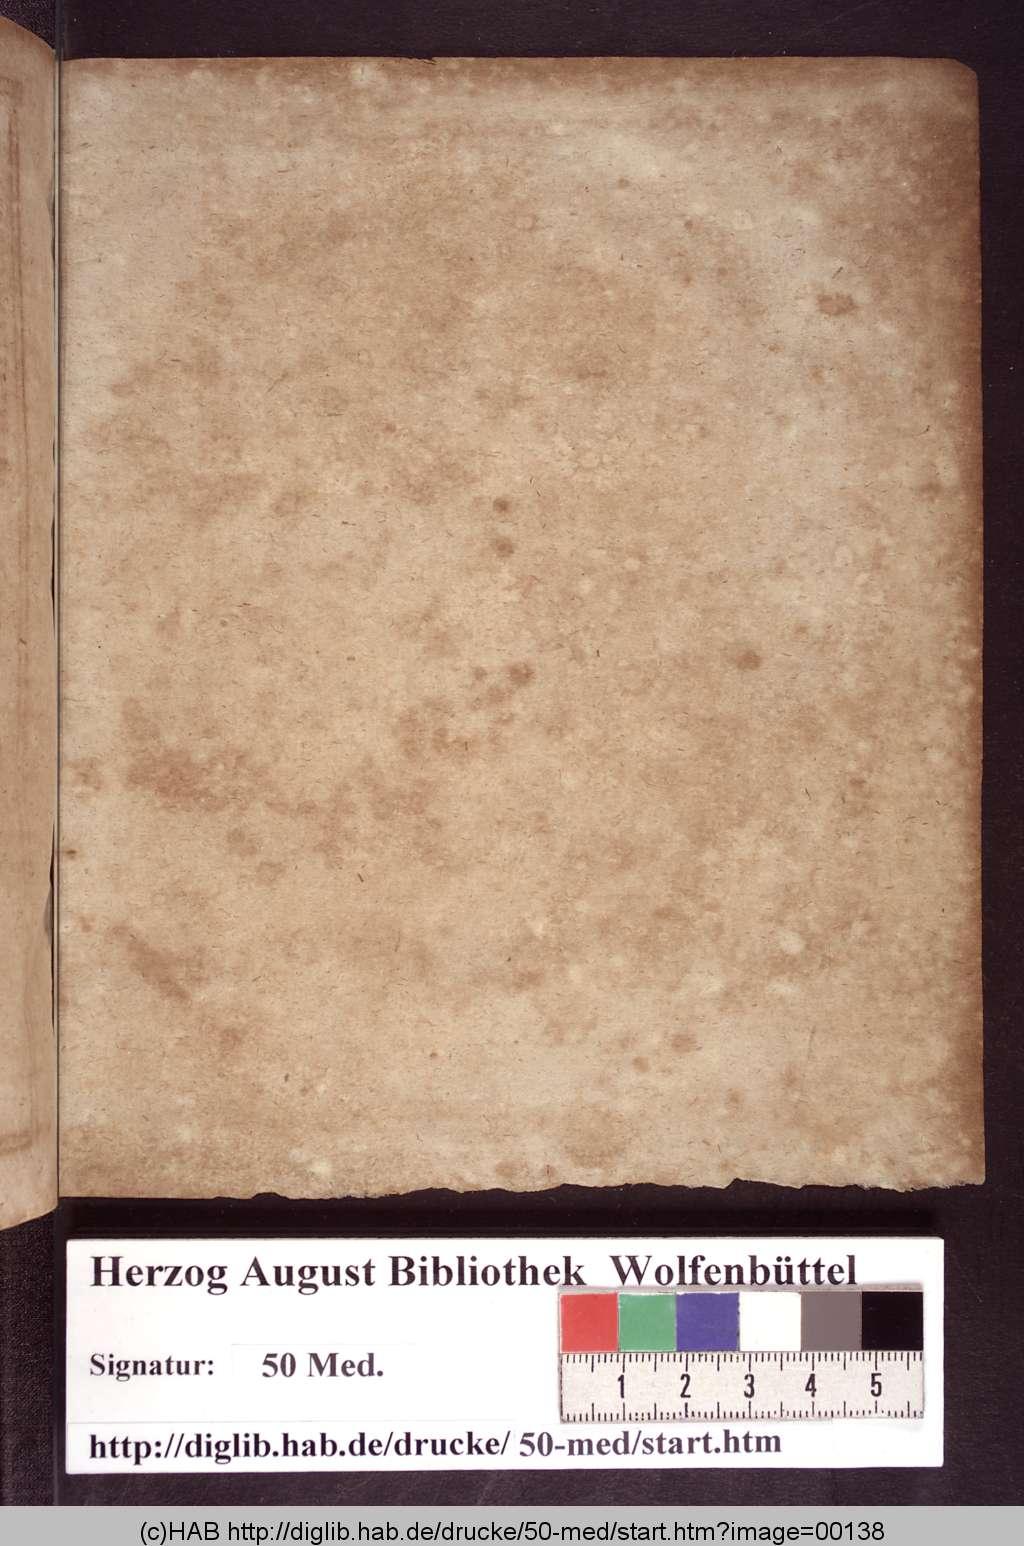 http://diglib.hab.de/drucke/50-med/00138.jpg